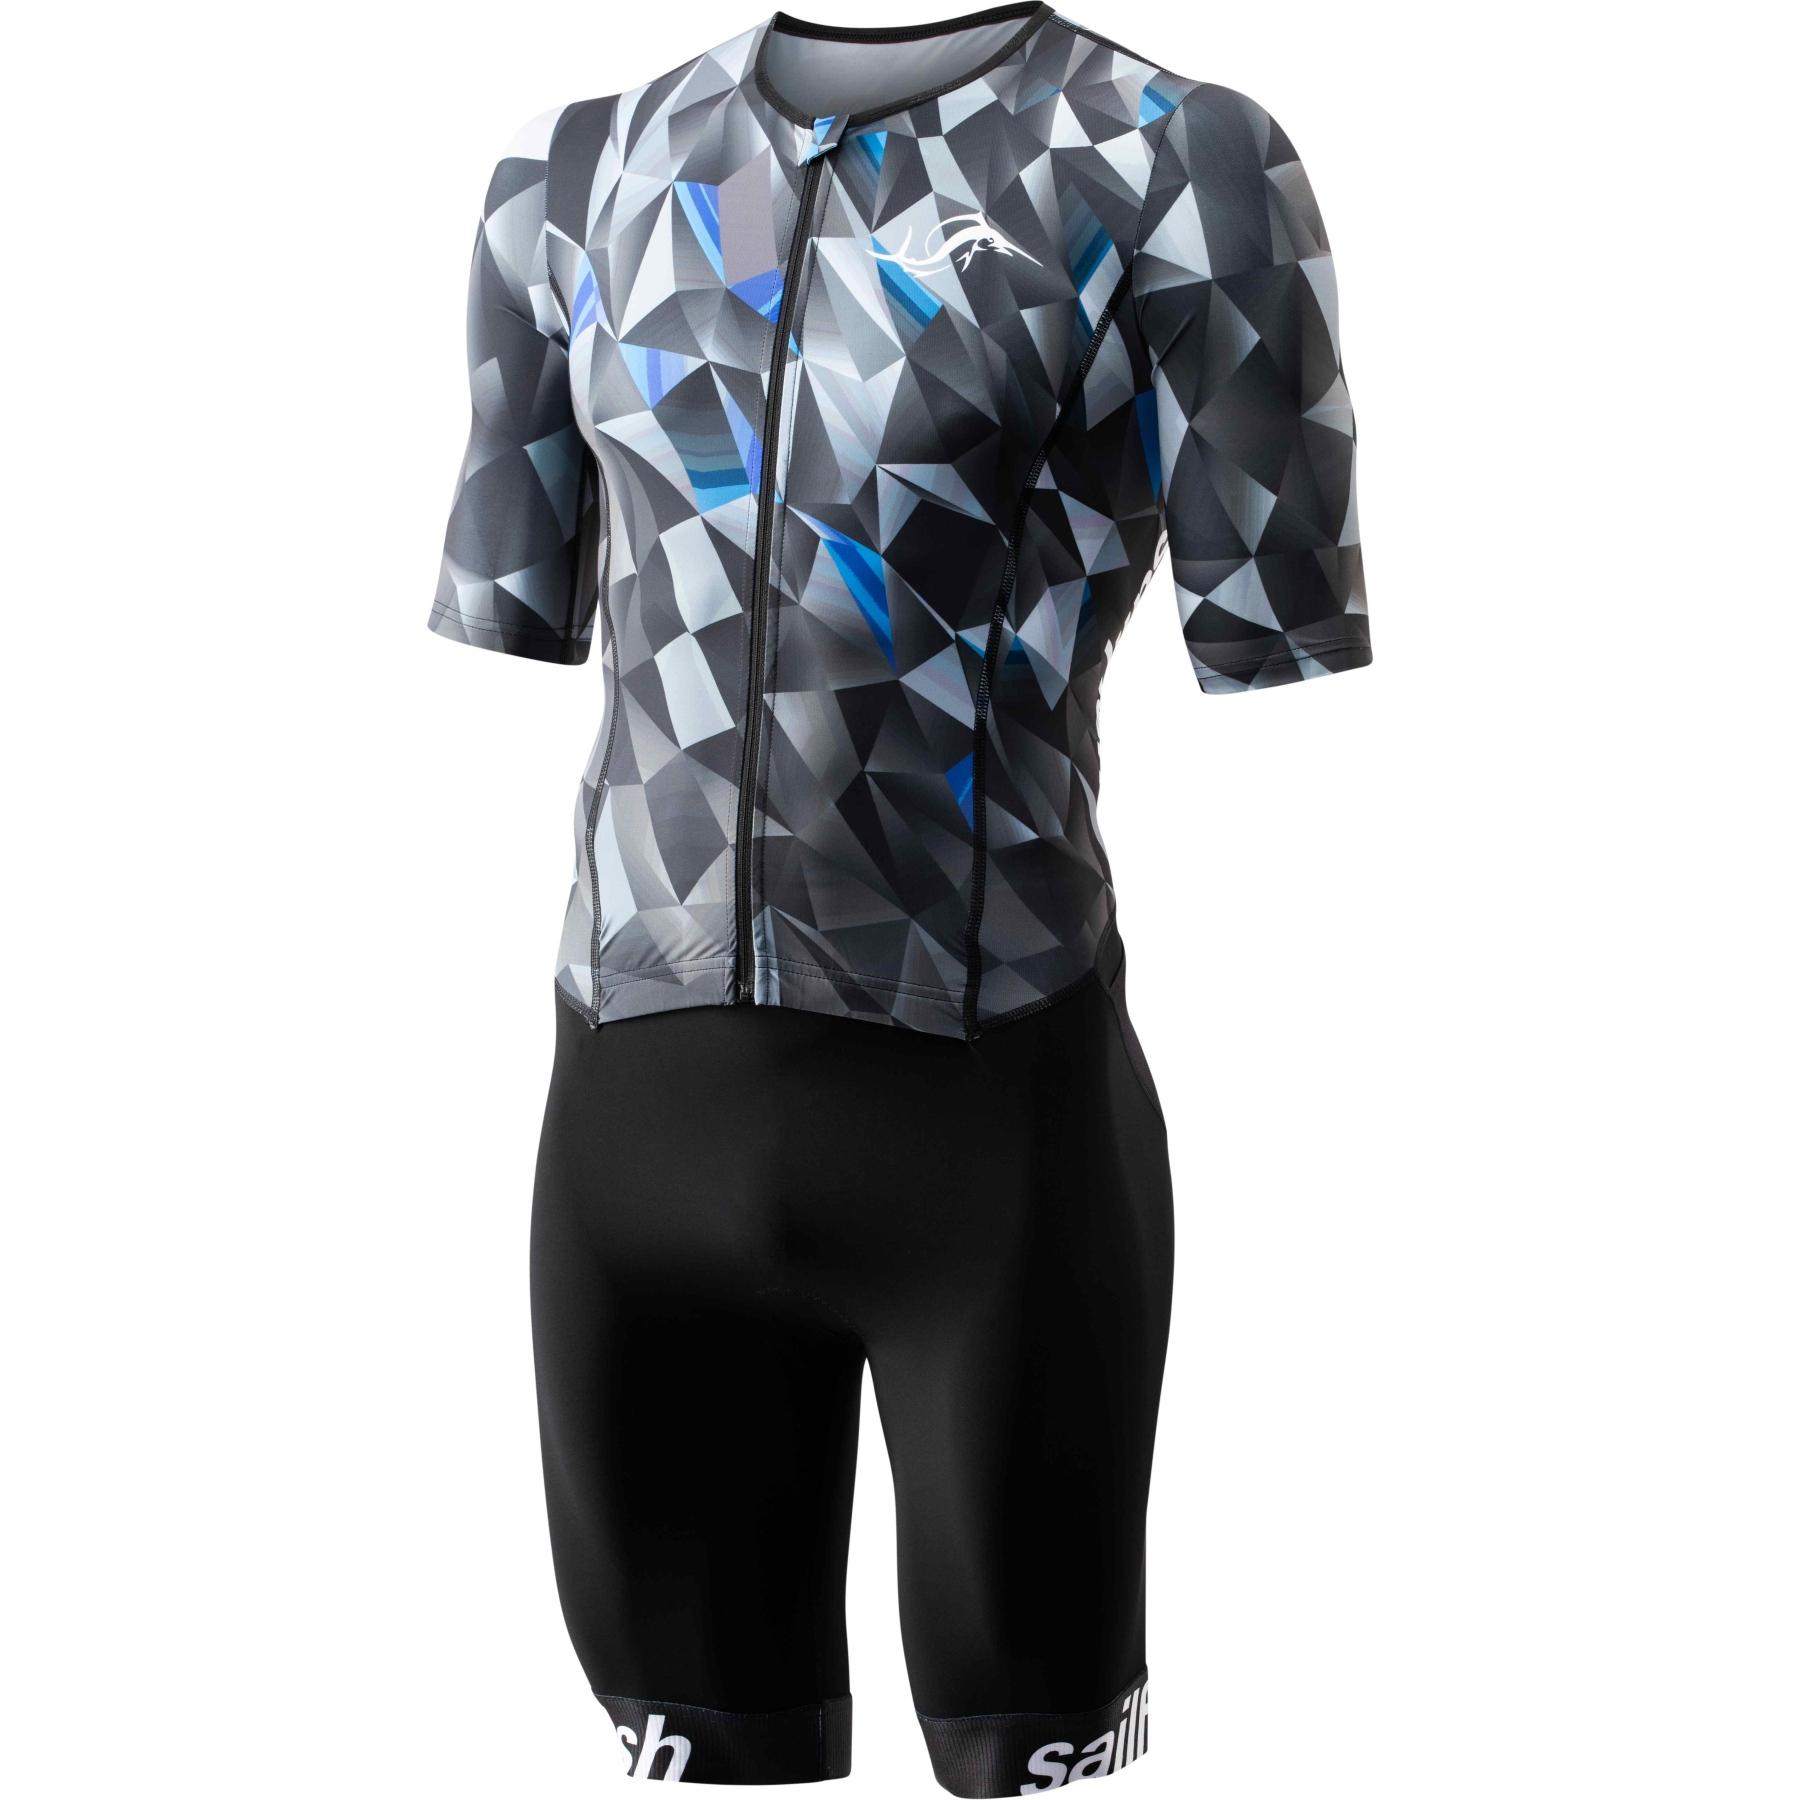 Produktbild von sailfish Herren Aerosuit Comp Square Triathlon-Einteiler 2021 - blau